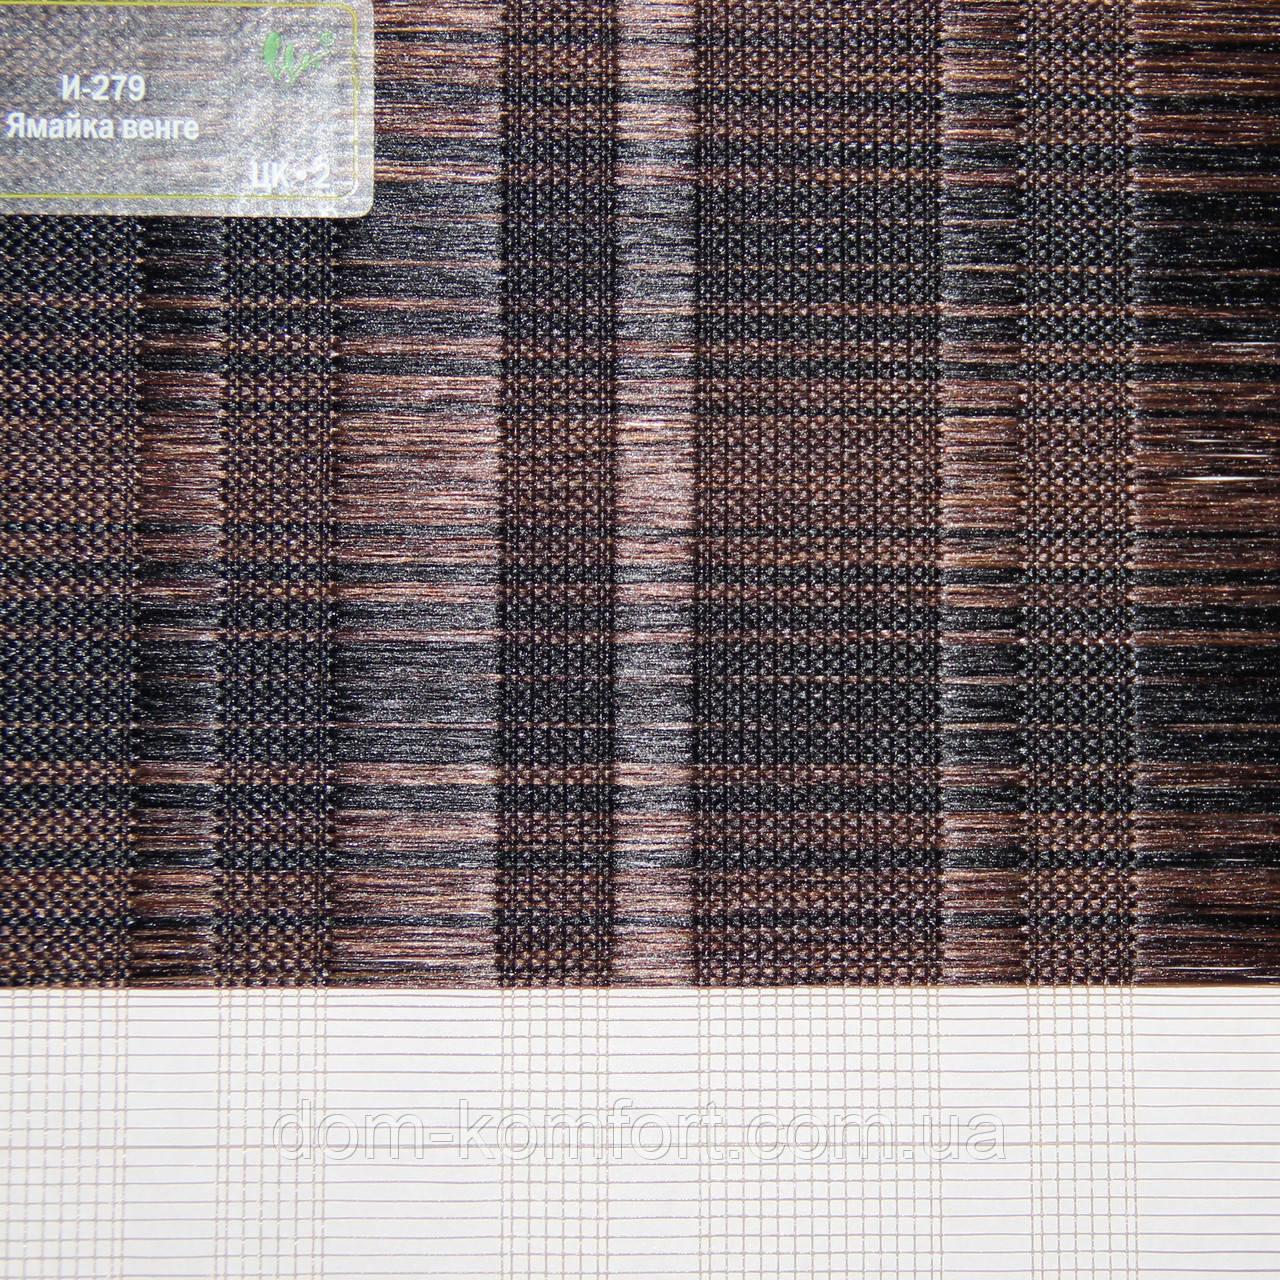 Рулонные шторы День-ночь Ткань Ямайка Венге